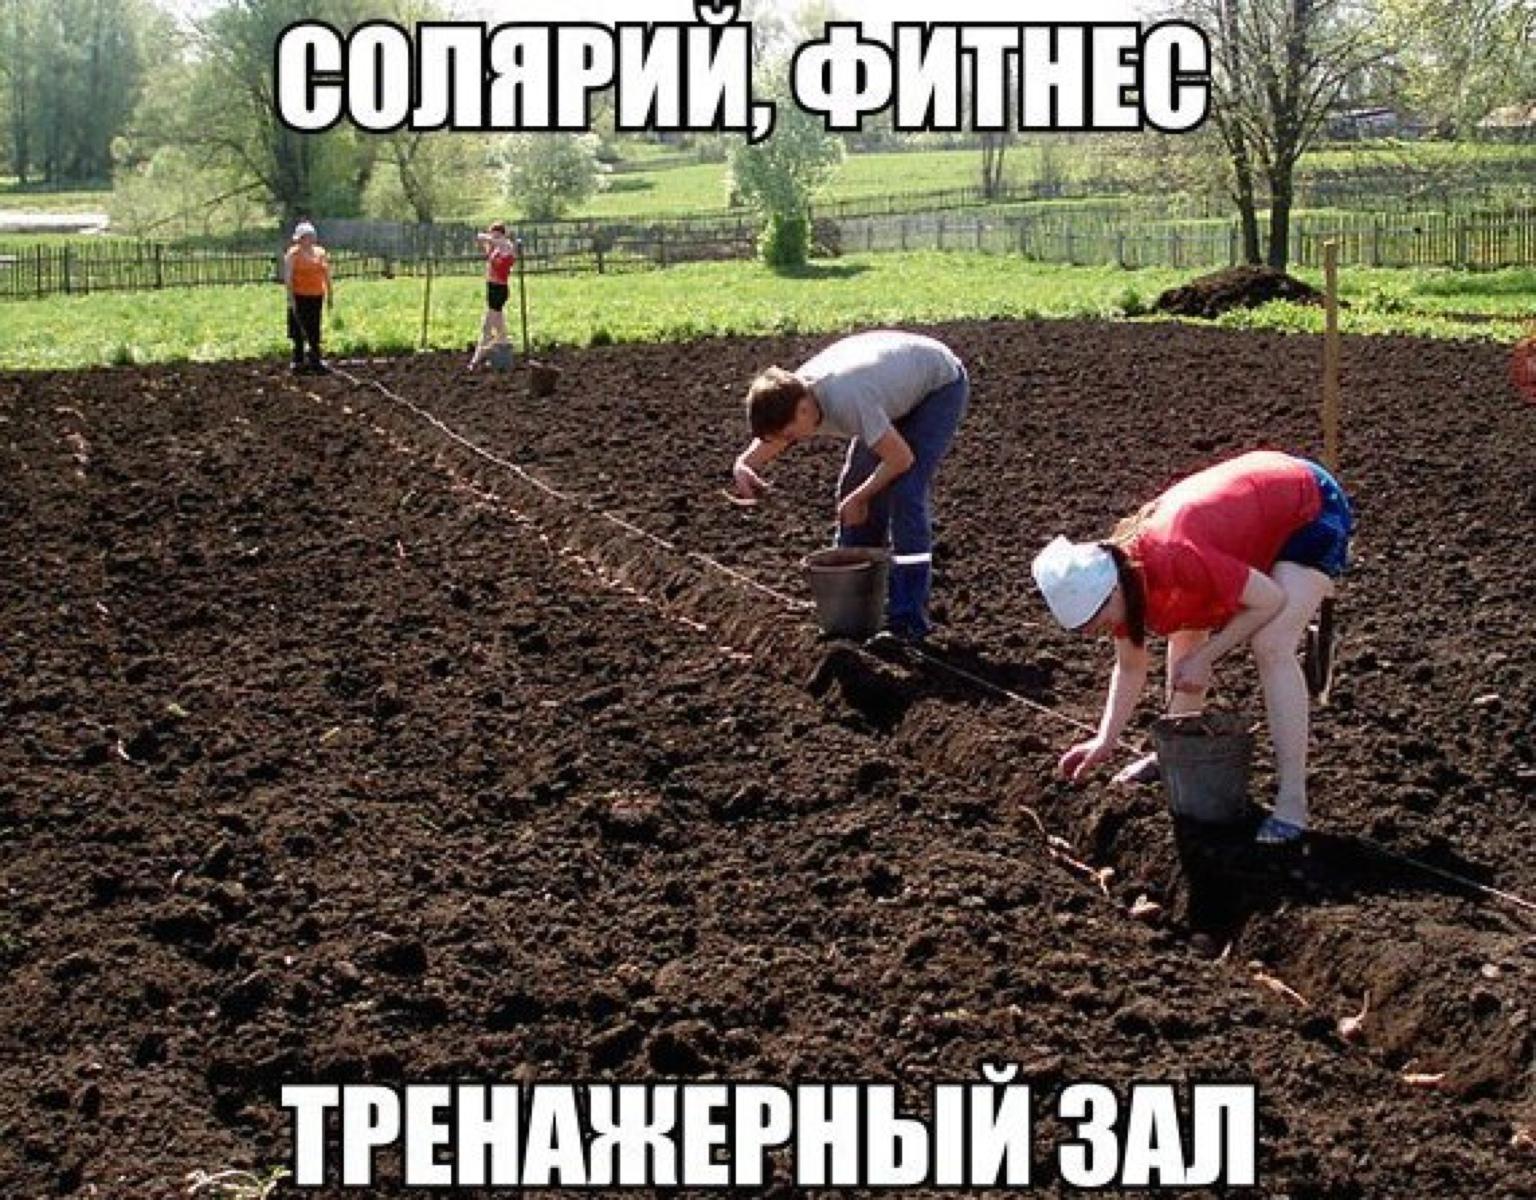 Приколы про огород в картинках